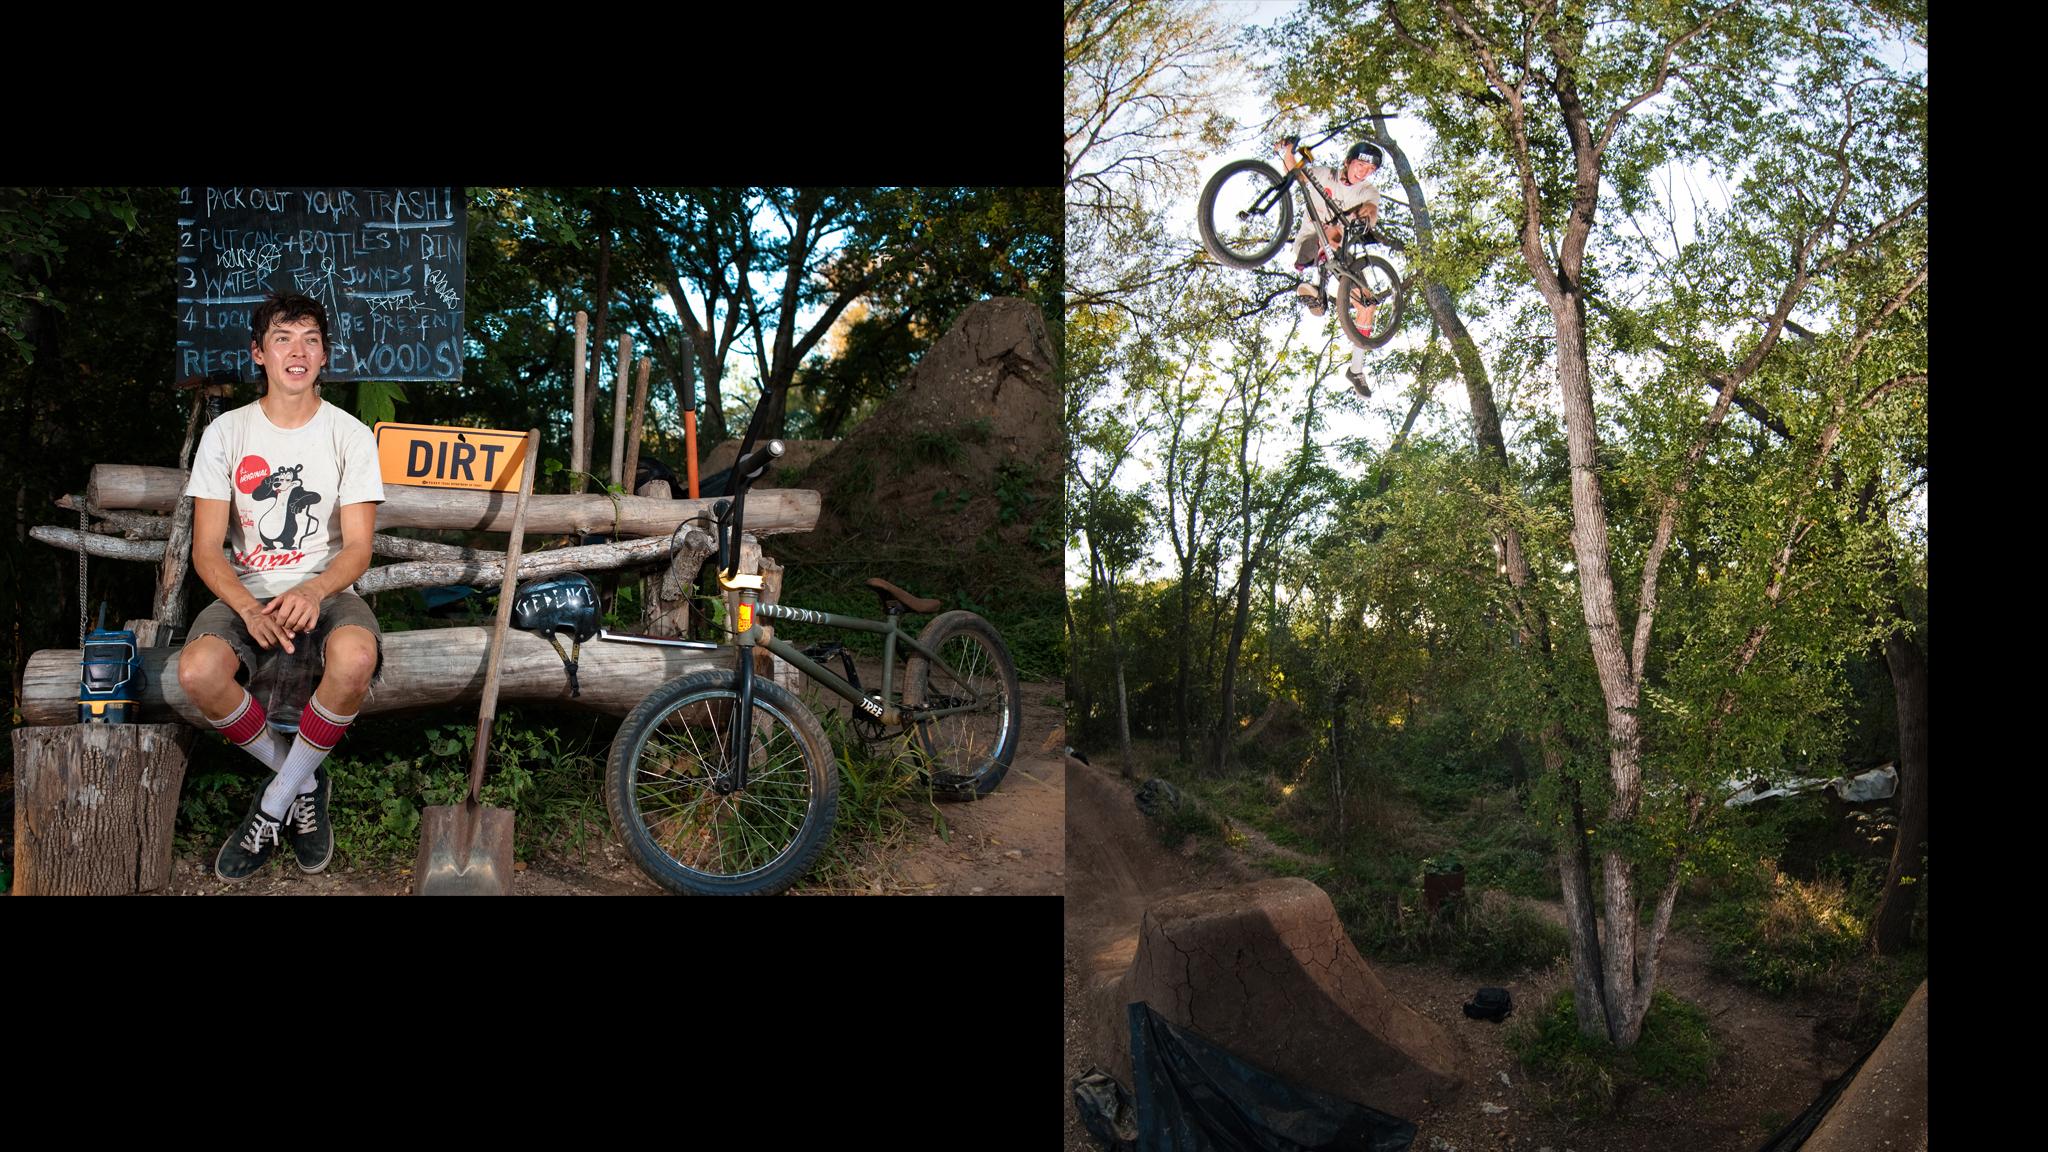 Clint Reynolds, BMX Dirt